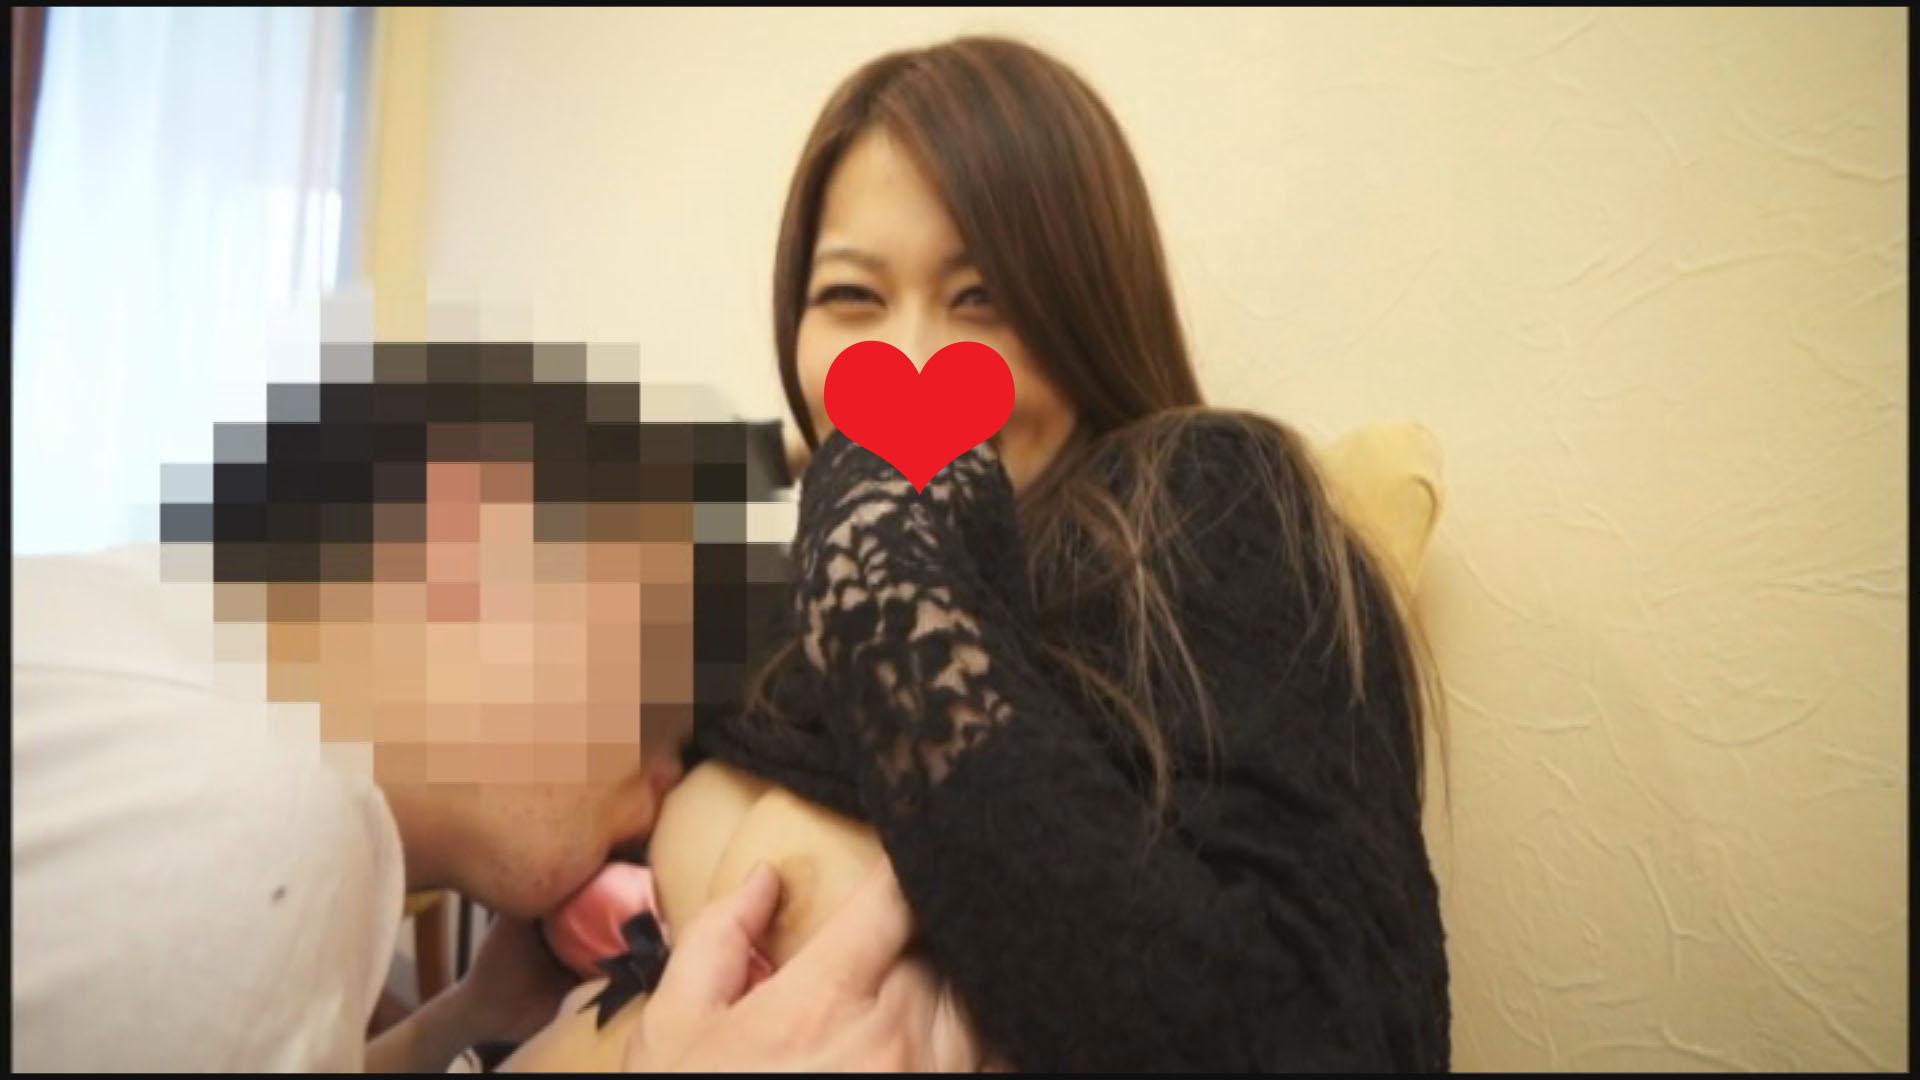 【ちゃんこ<チンコ】美容師ギャル妻葵/27歳が潮吹きぶつかり稽古 in 両国